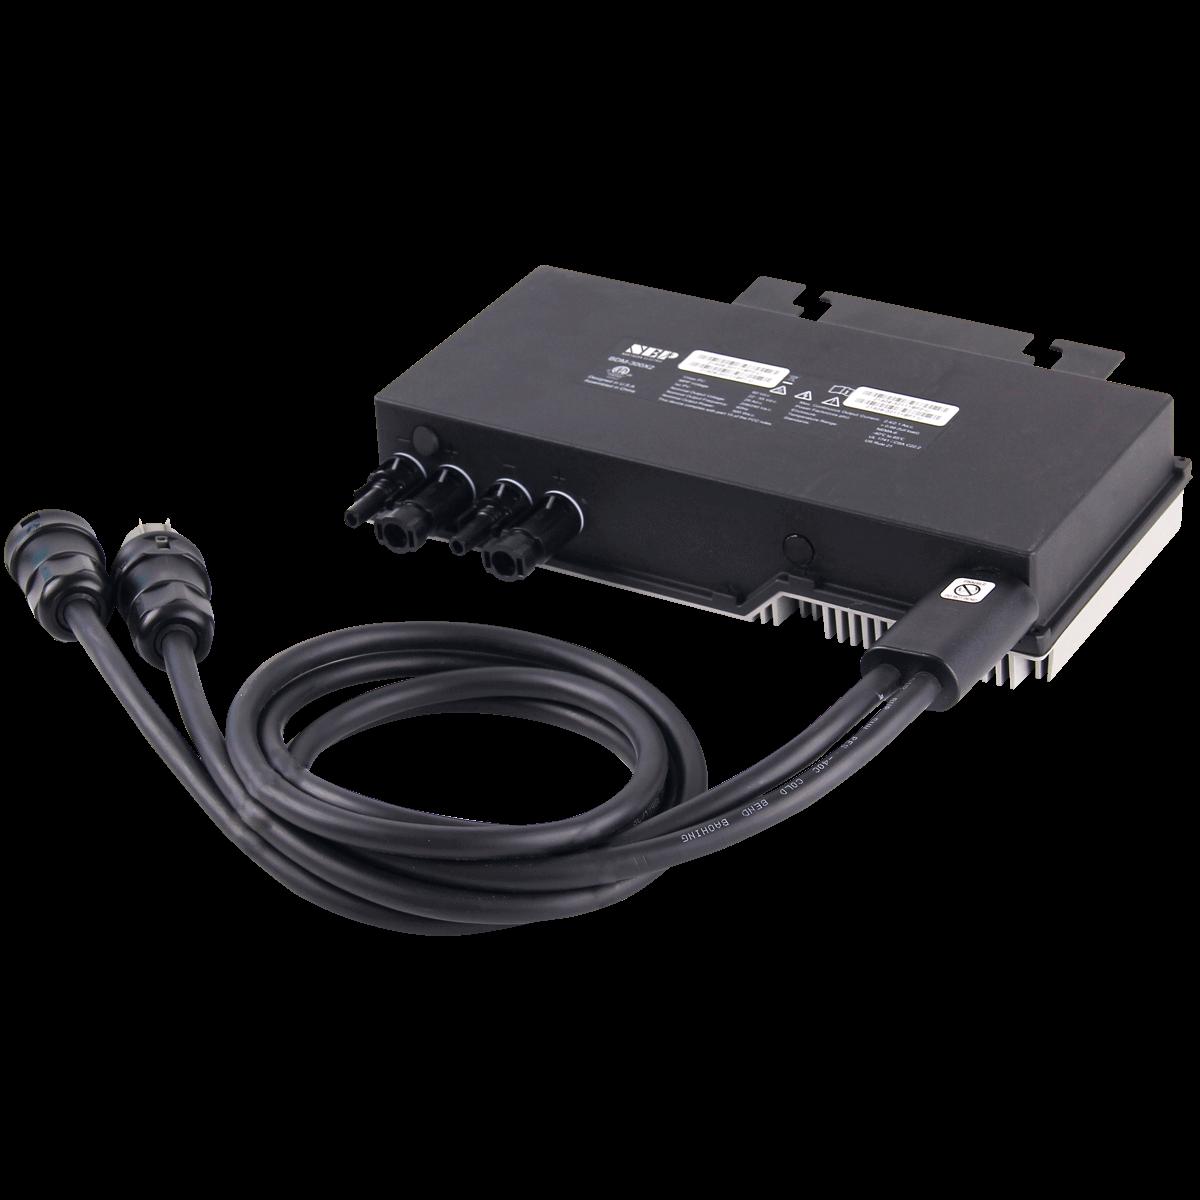 bdm-600-lv-slide4